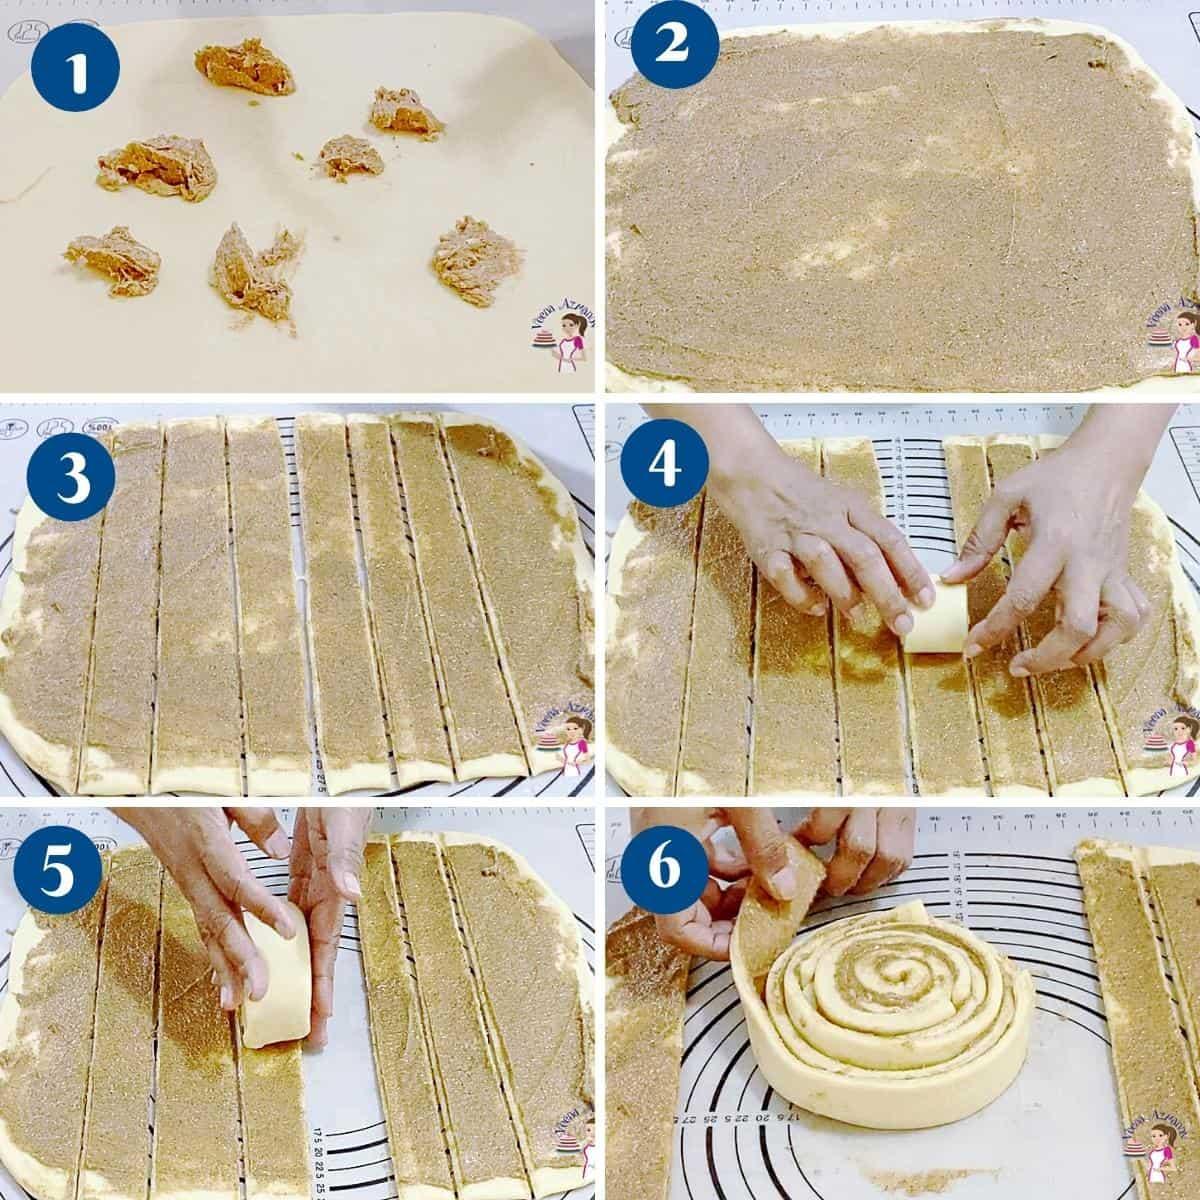 Progress pictures collage spreading the cinnamon sugar.